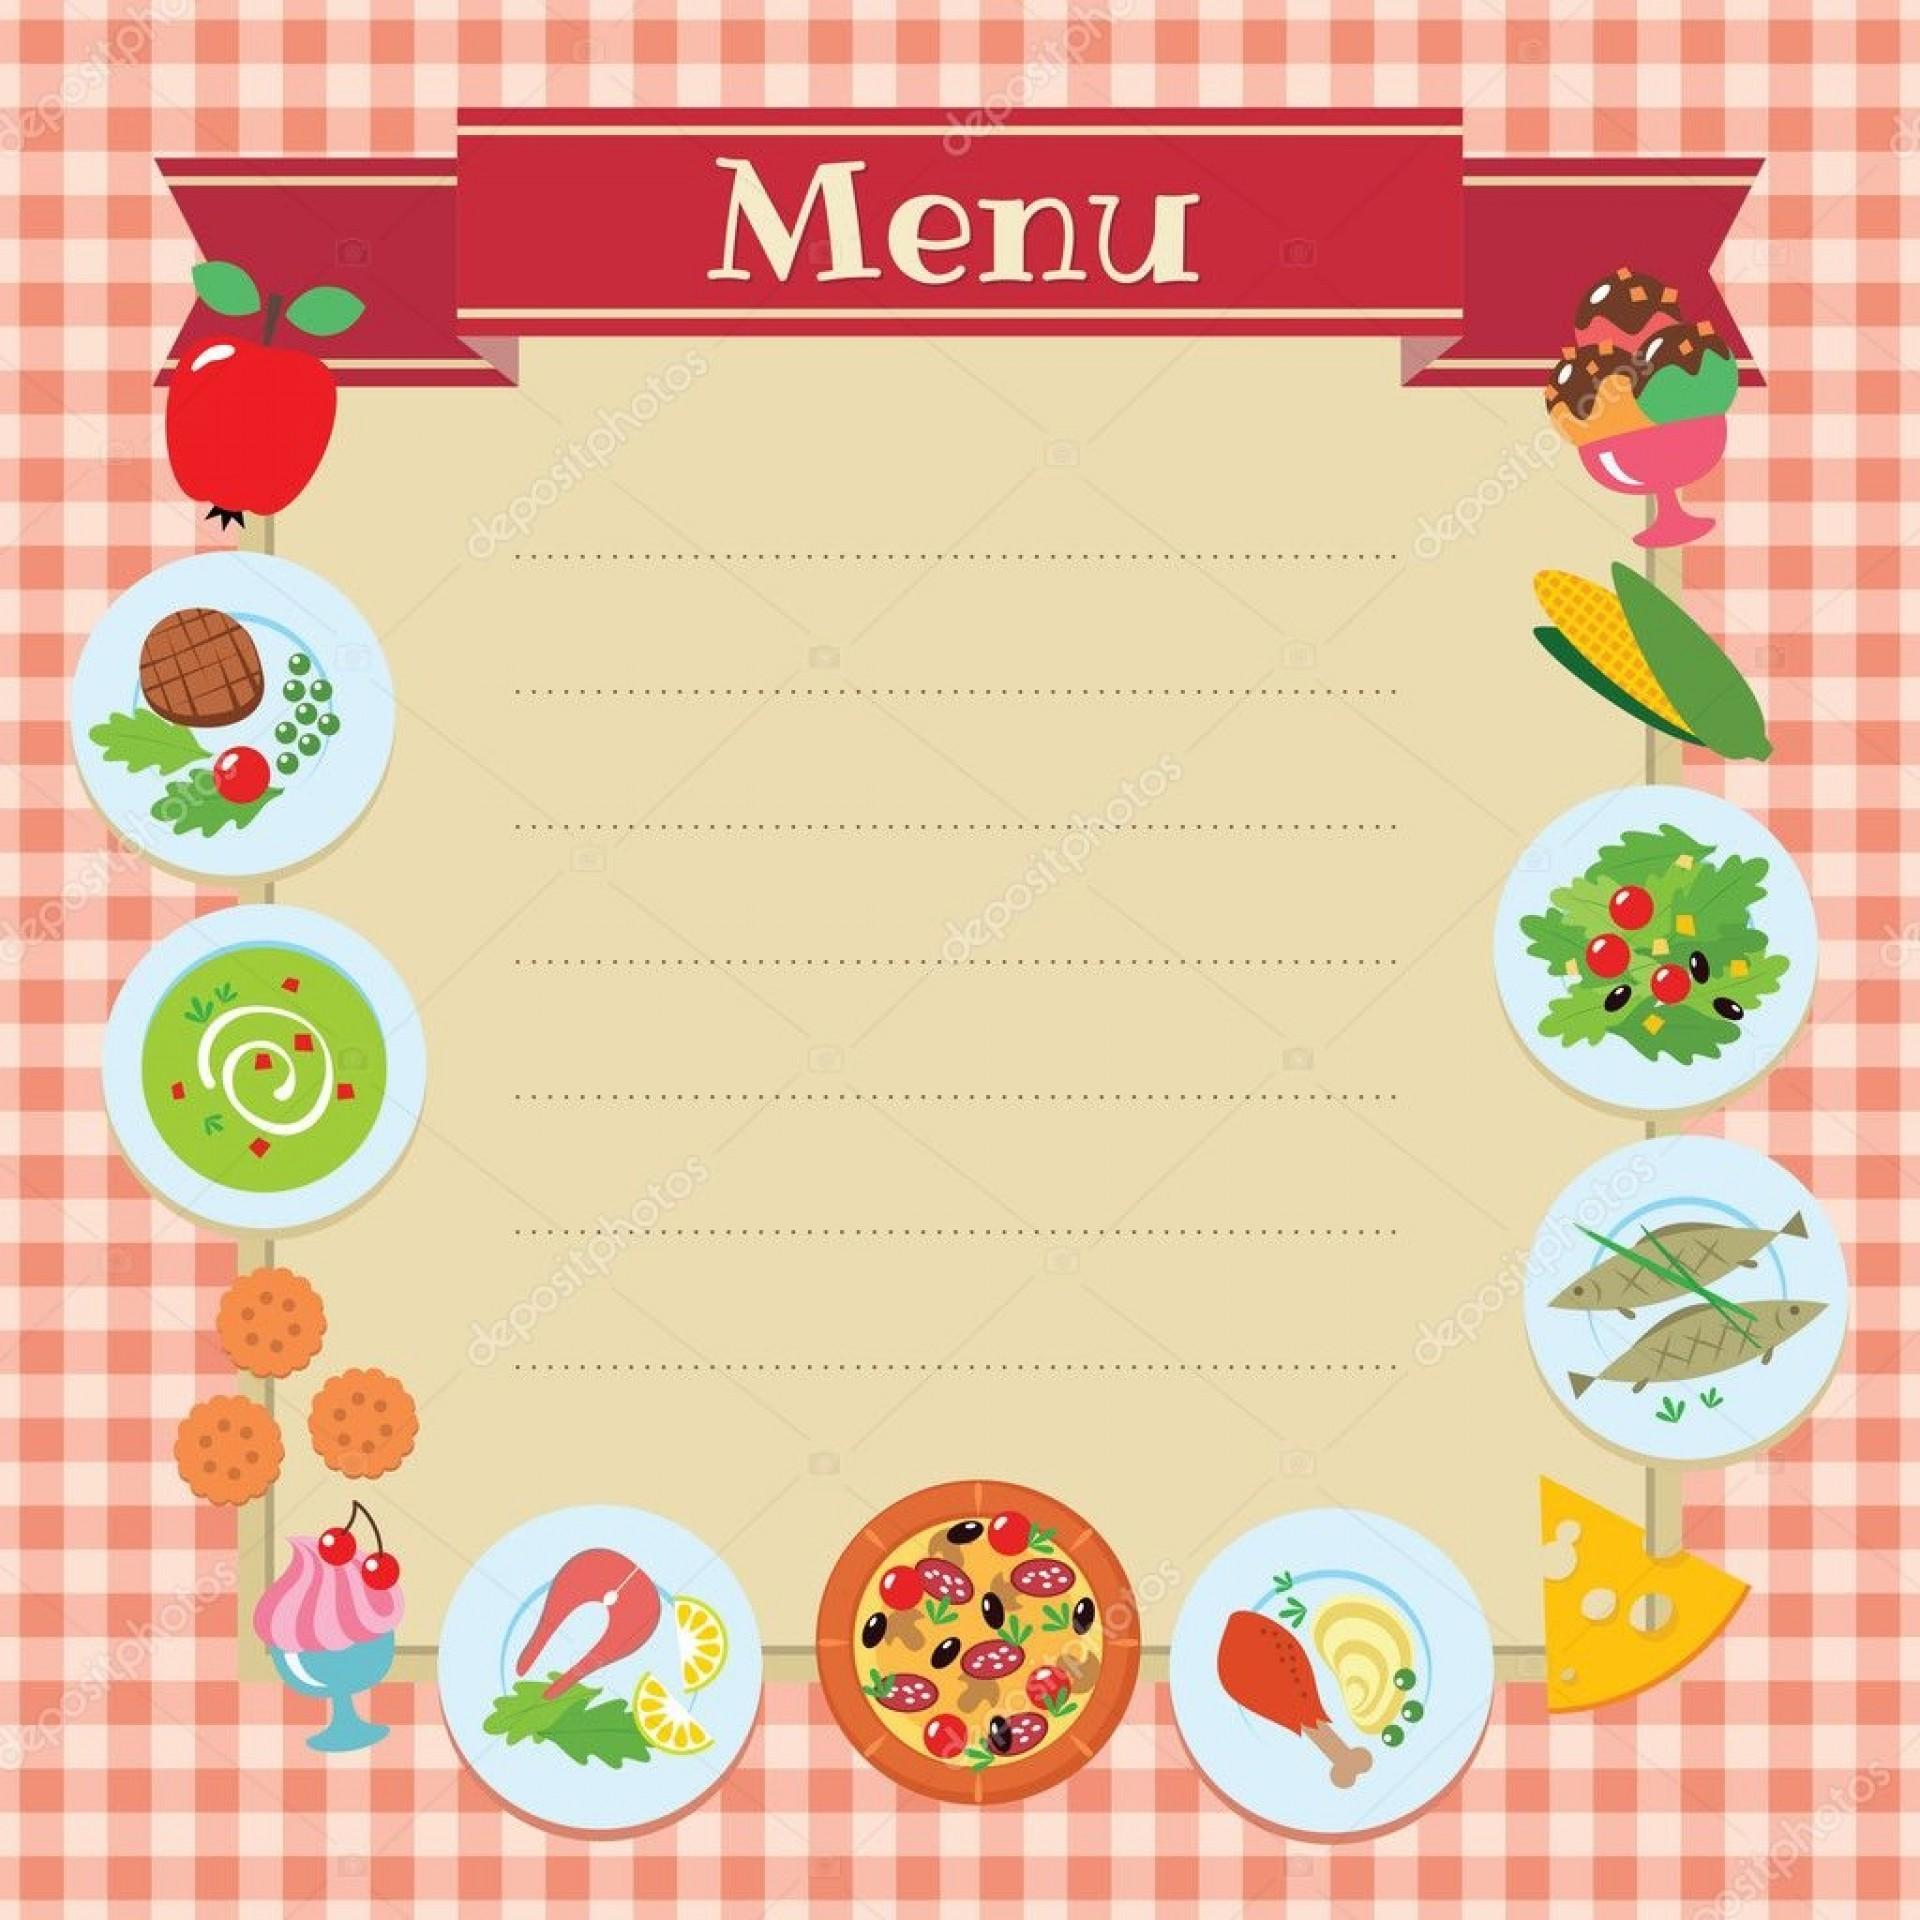 005 Fantastic Blank Restaurant Menu Template Sample  Free Printable Downloadable1920